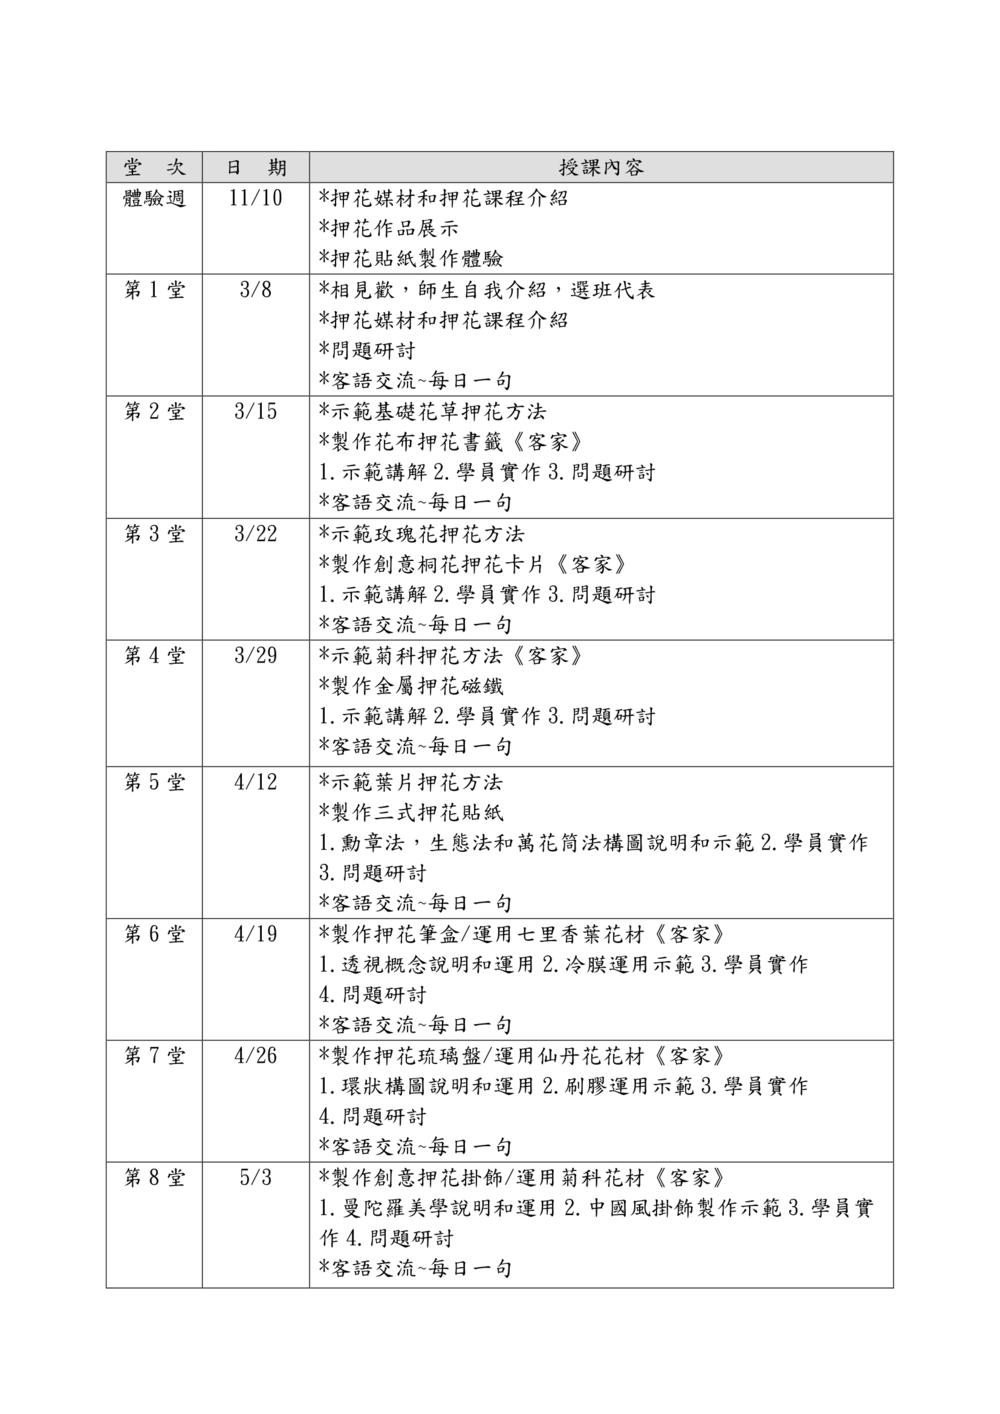 單堂課程表-03.png